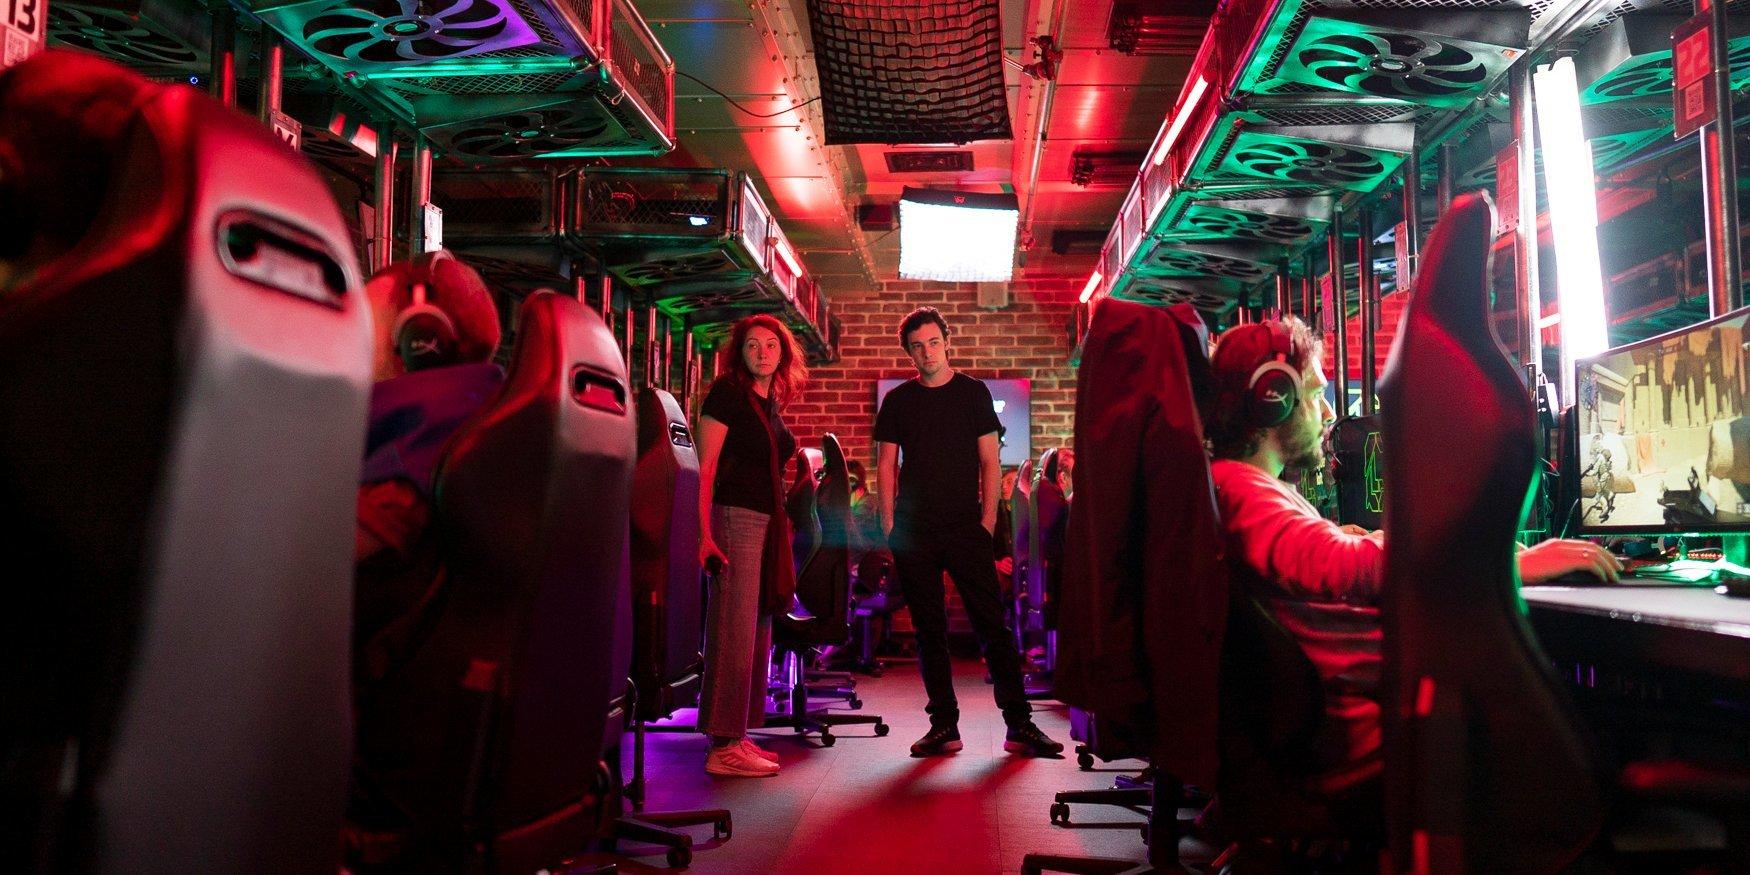 PREMIER покажет комедийный сериал о киберспорте «Изи катка»